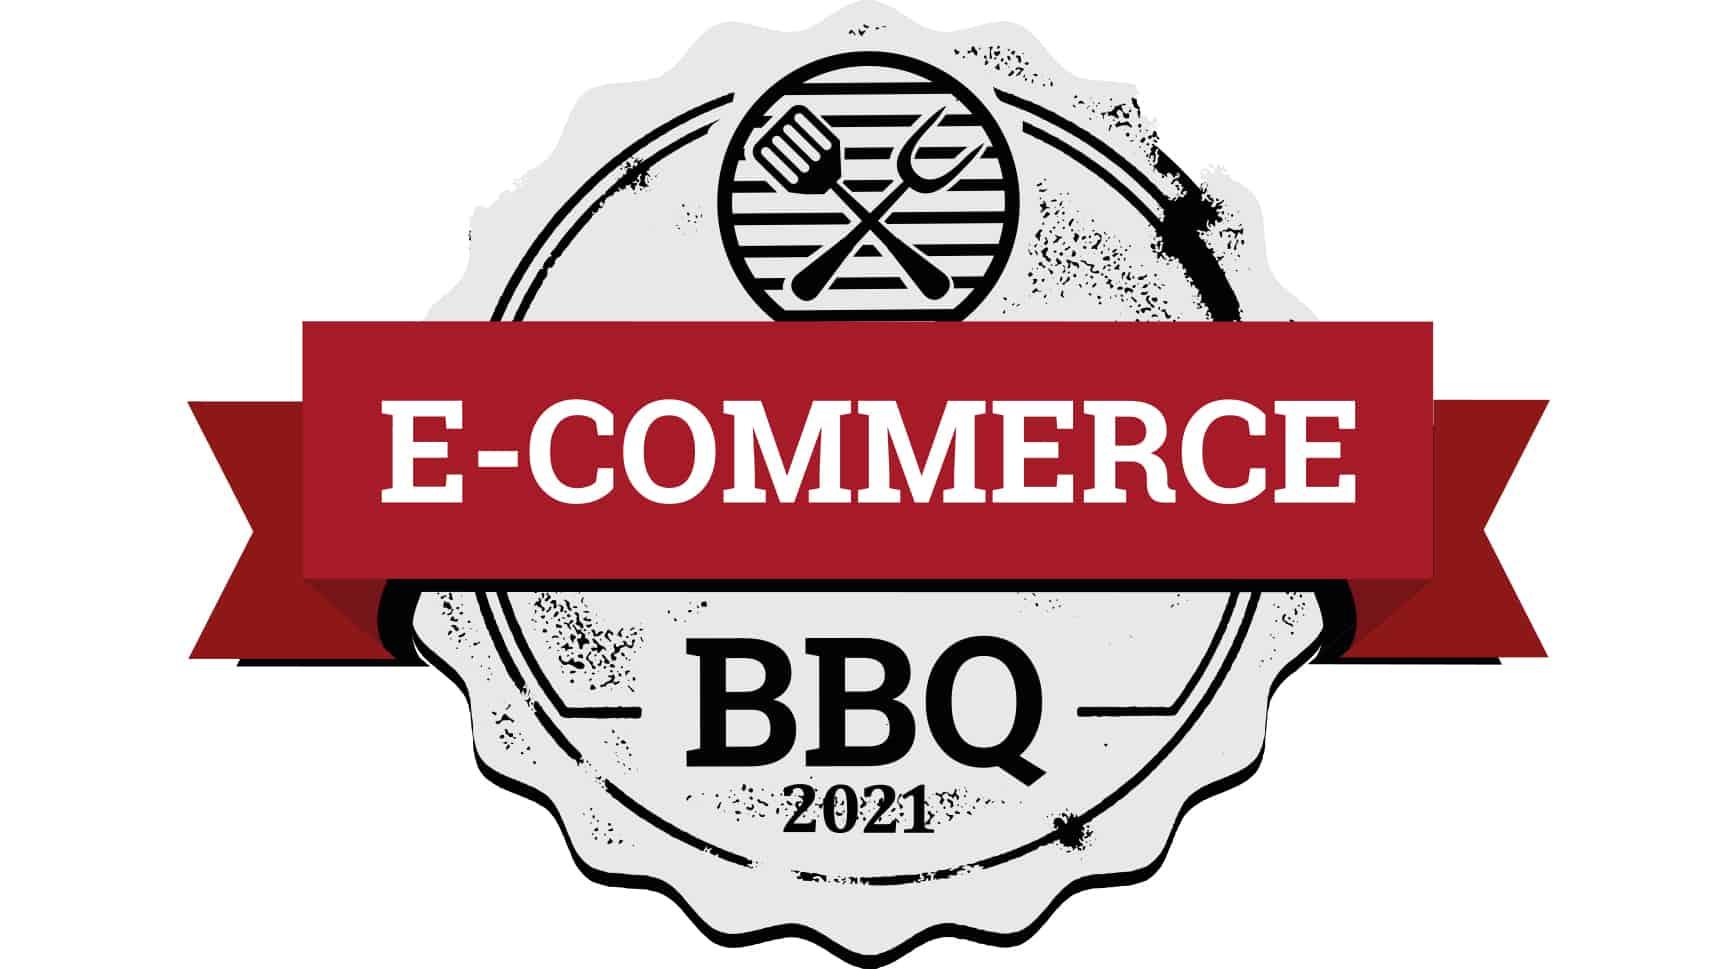 E-Commerce BBQ